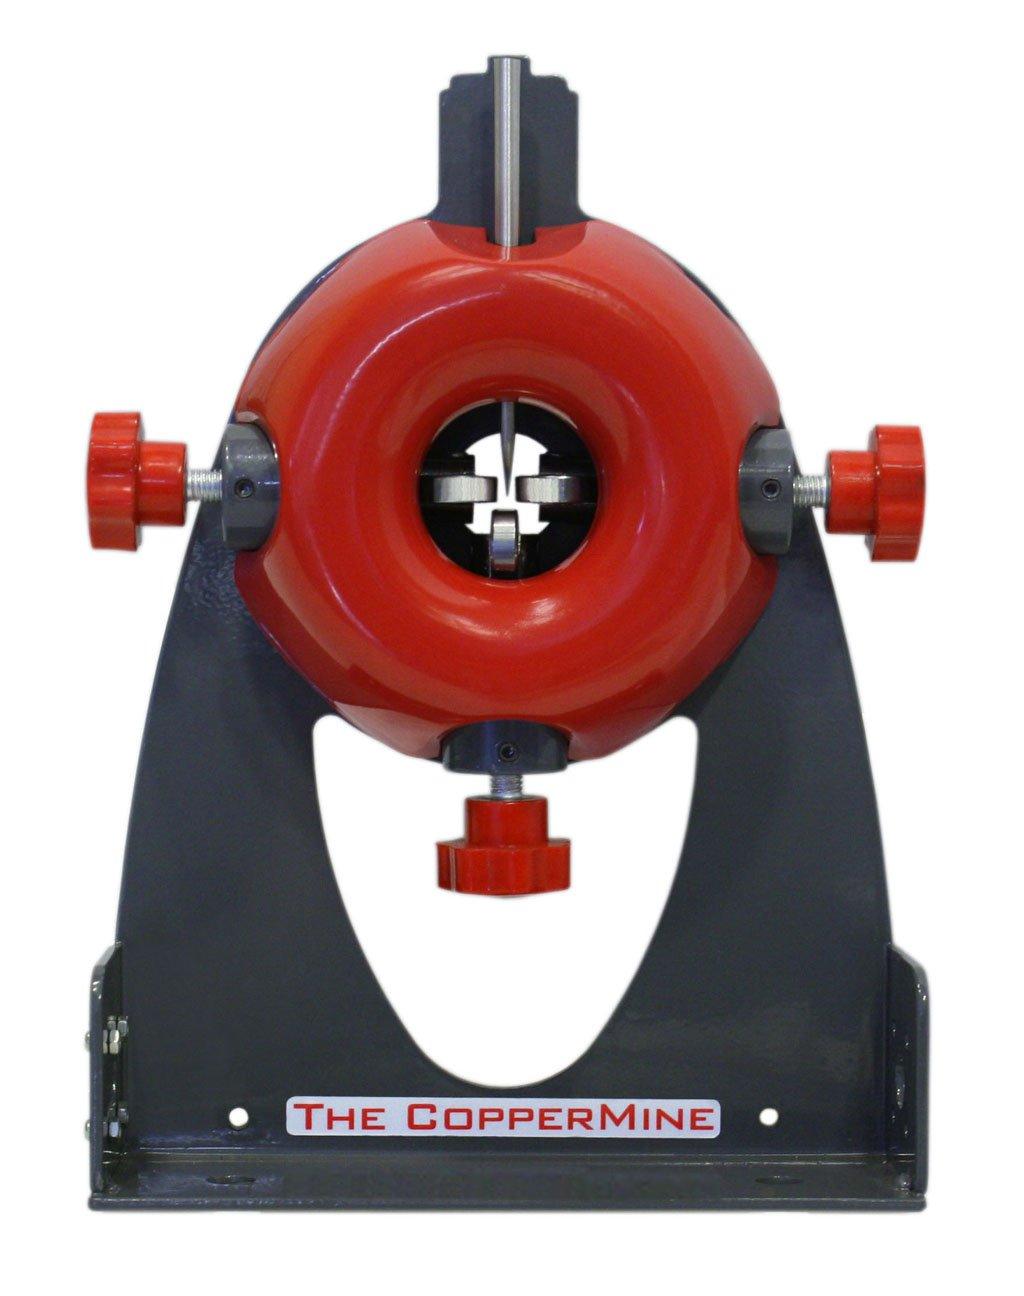 Copper Wire Stripping Machine CopperMine Authentic Wire Stripper =NEW=